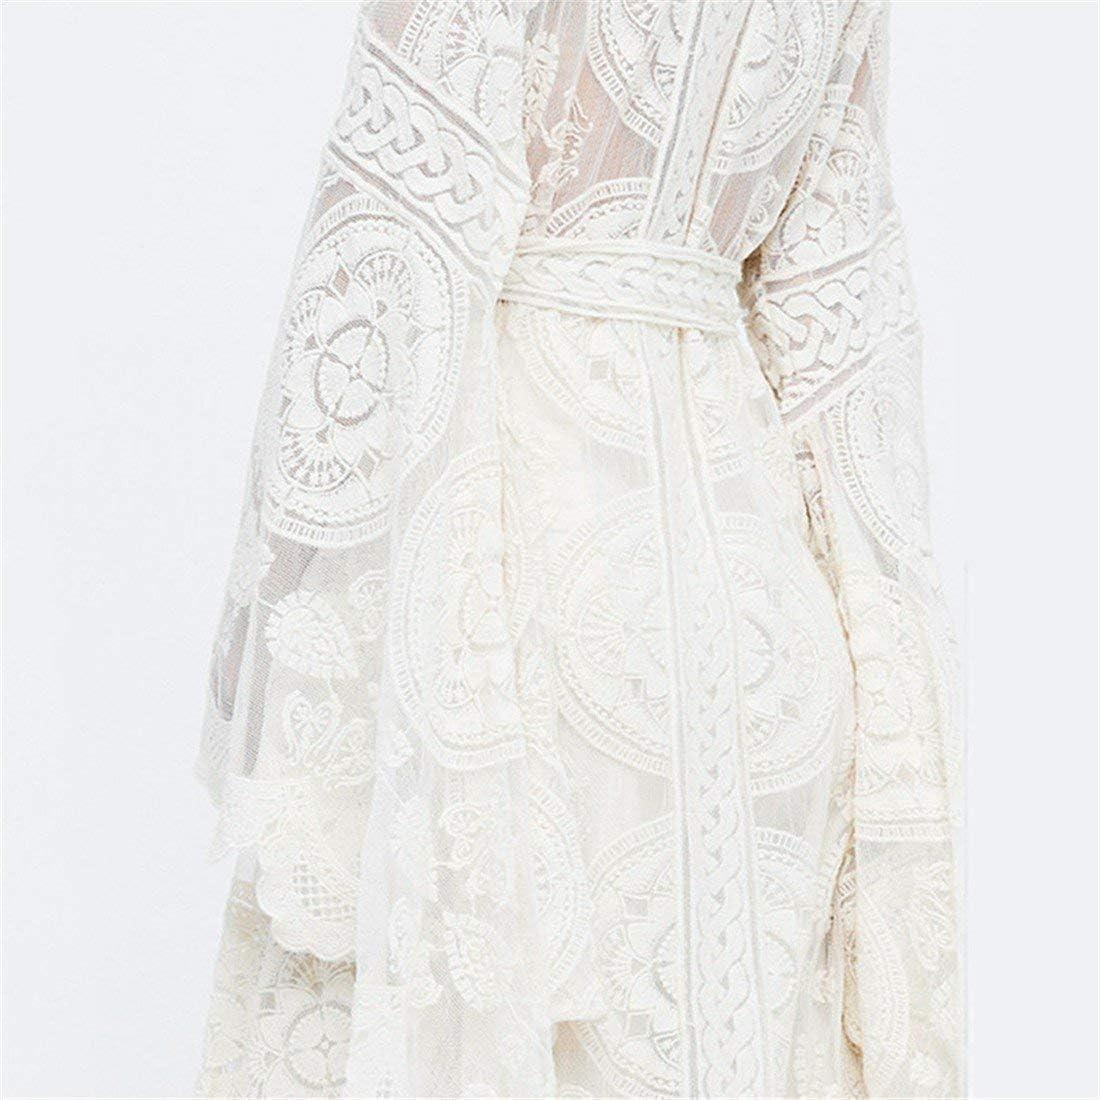 Cardigan di Pizzo Bianco da Donna Casual Stile Bohemien all Giovane Abiti da Festa Uncinetto Estate Lungo Mantello Moda 2019 Vestiti da Donna